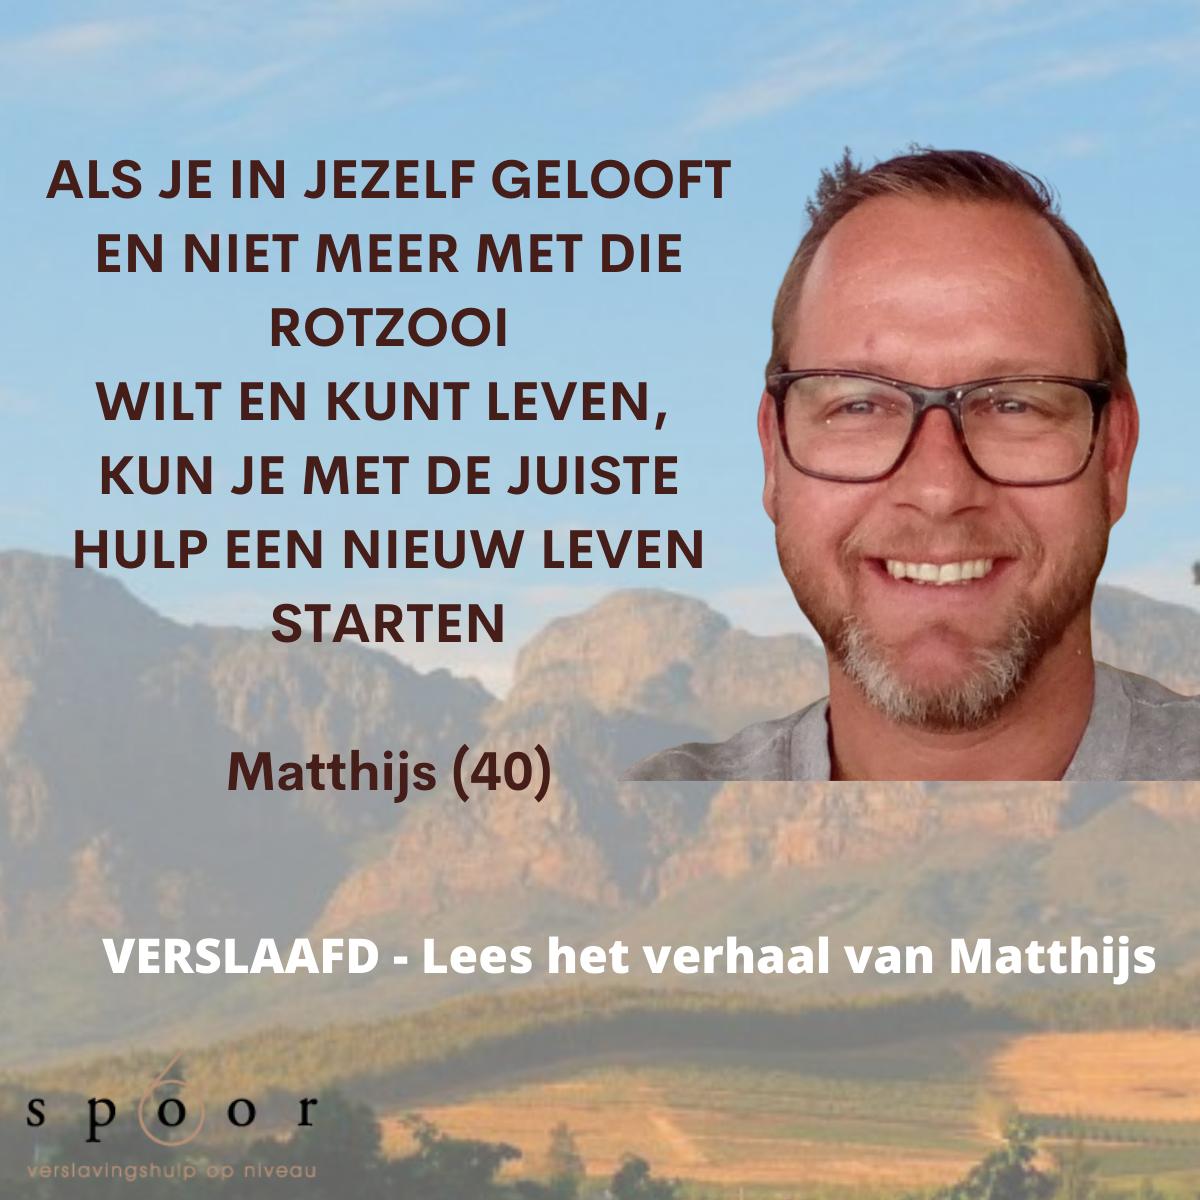 Verslaafd Matthijs (40) Spoor6